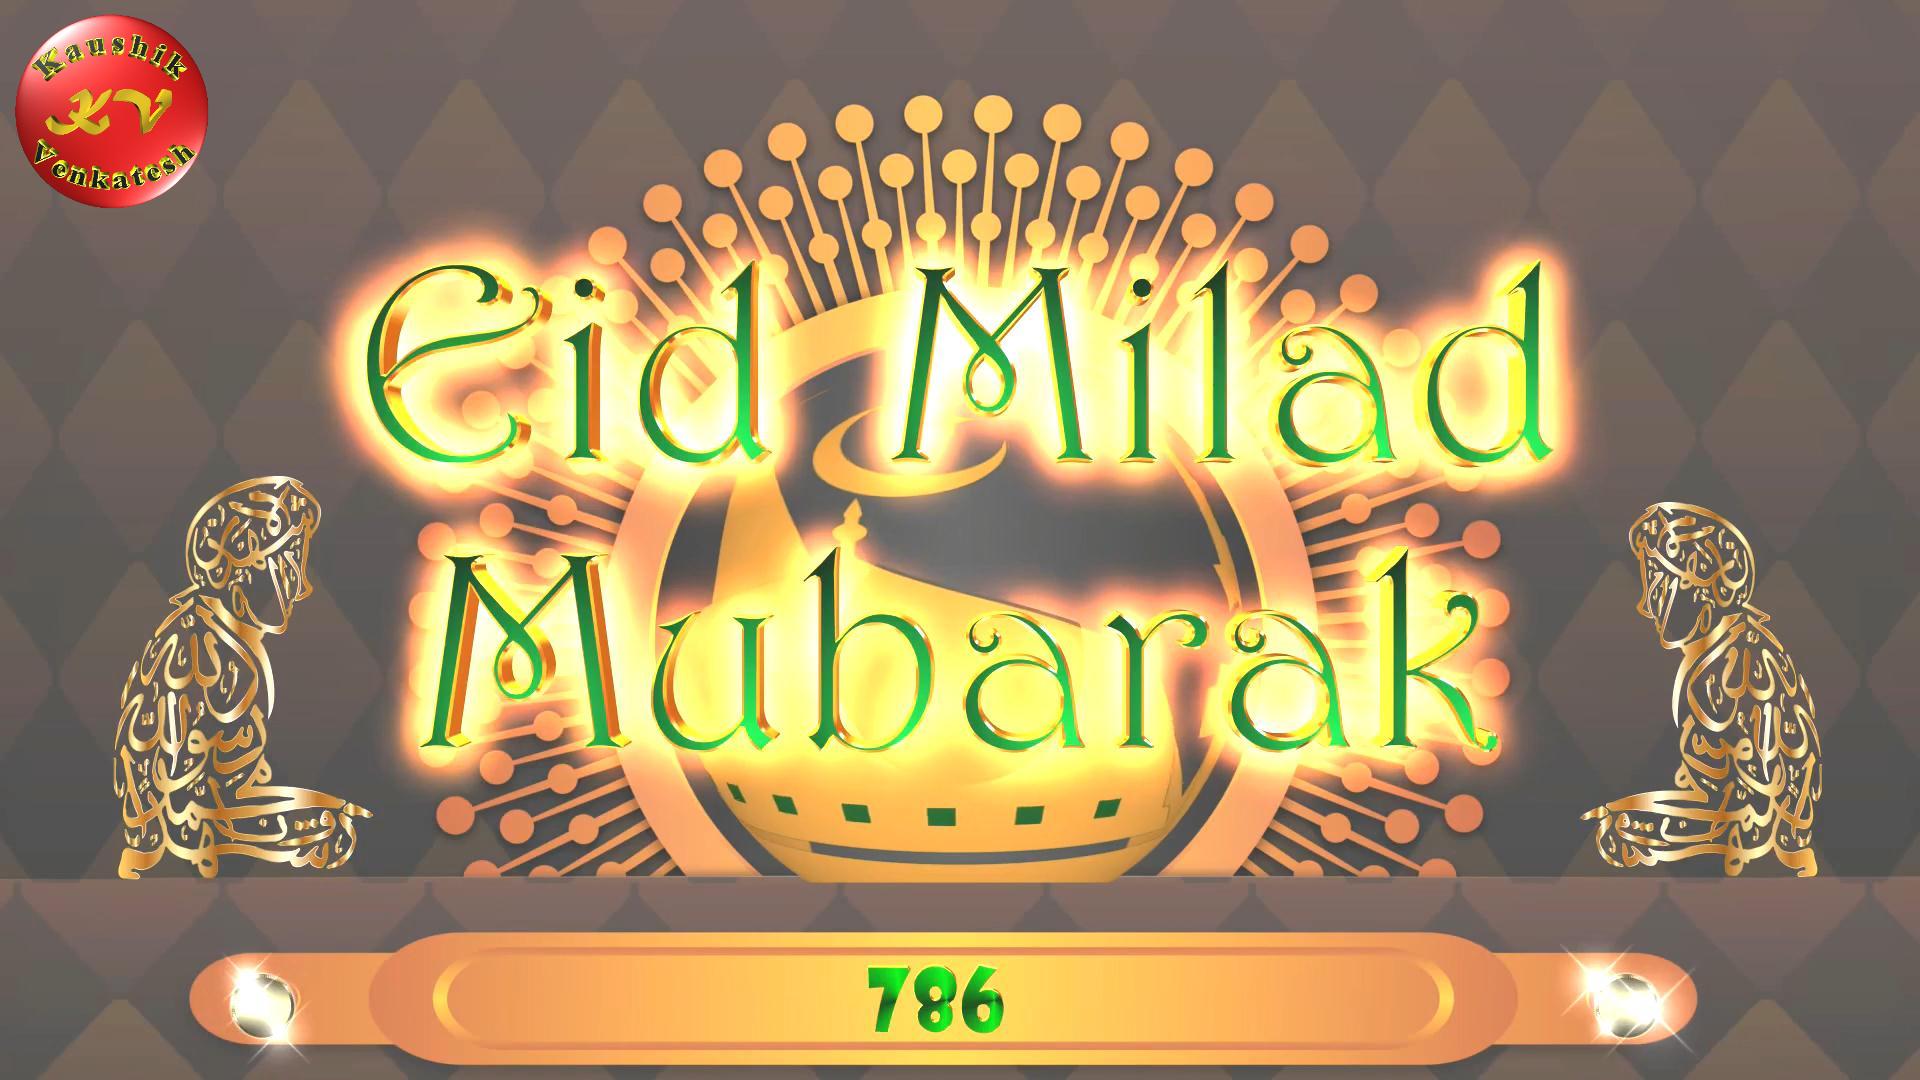 Eid Milad Mubarak